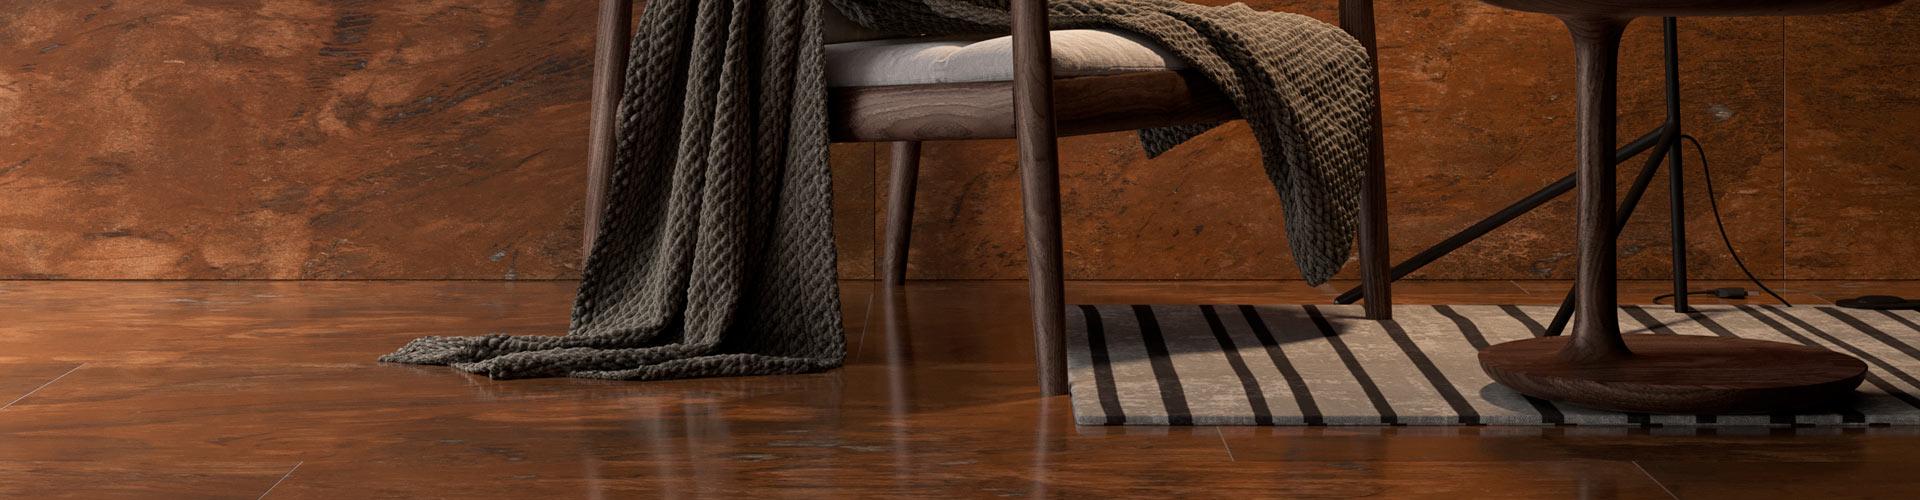 Керамогранит в интерьере с насыщенным коричневым оттенком